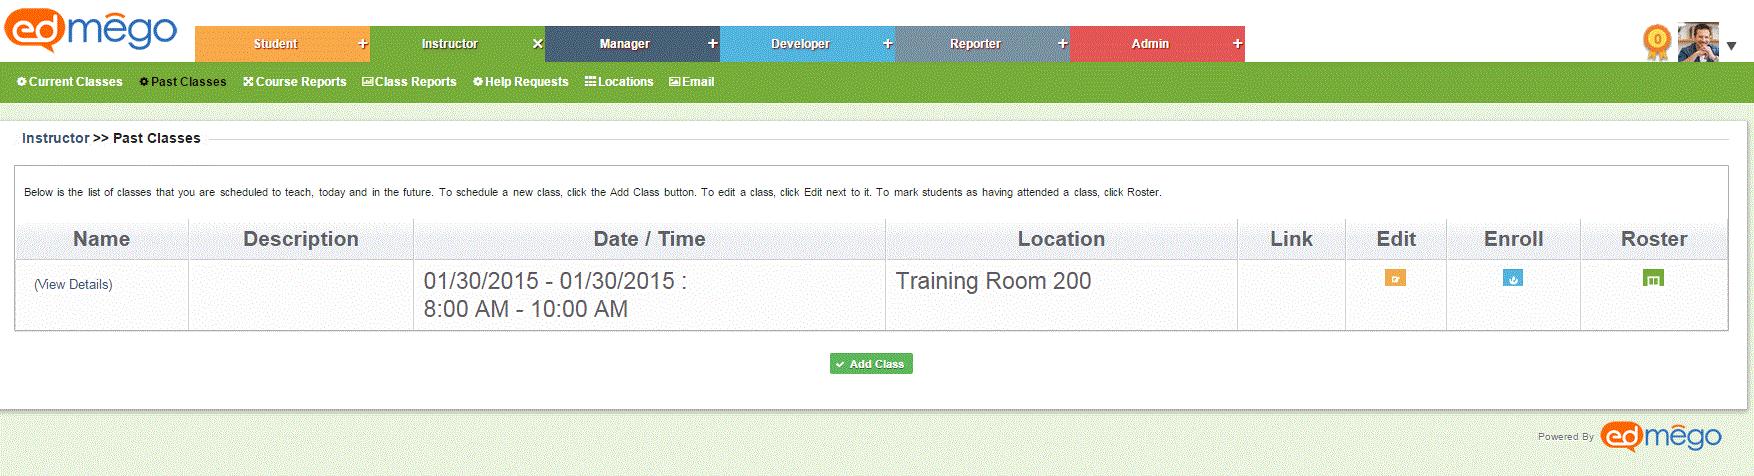 Manage Instructor-Led Training